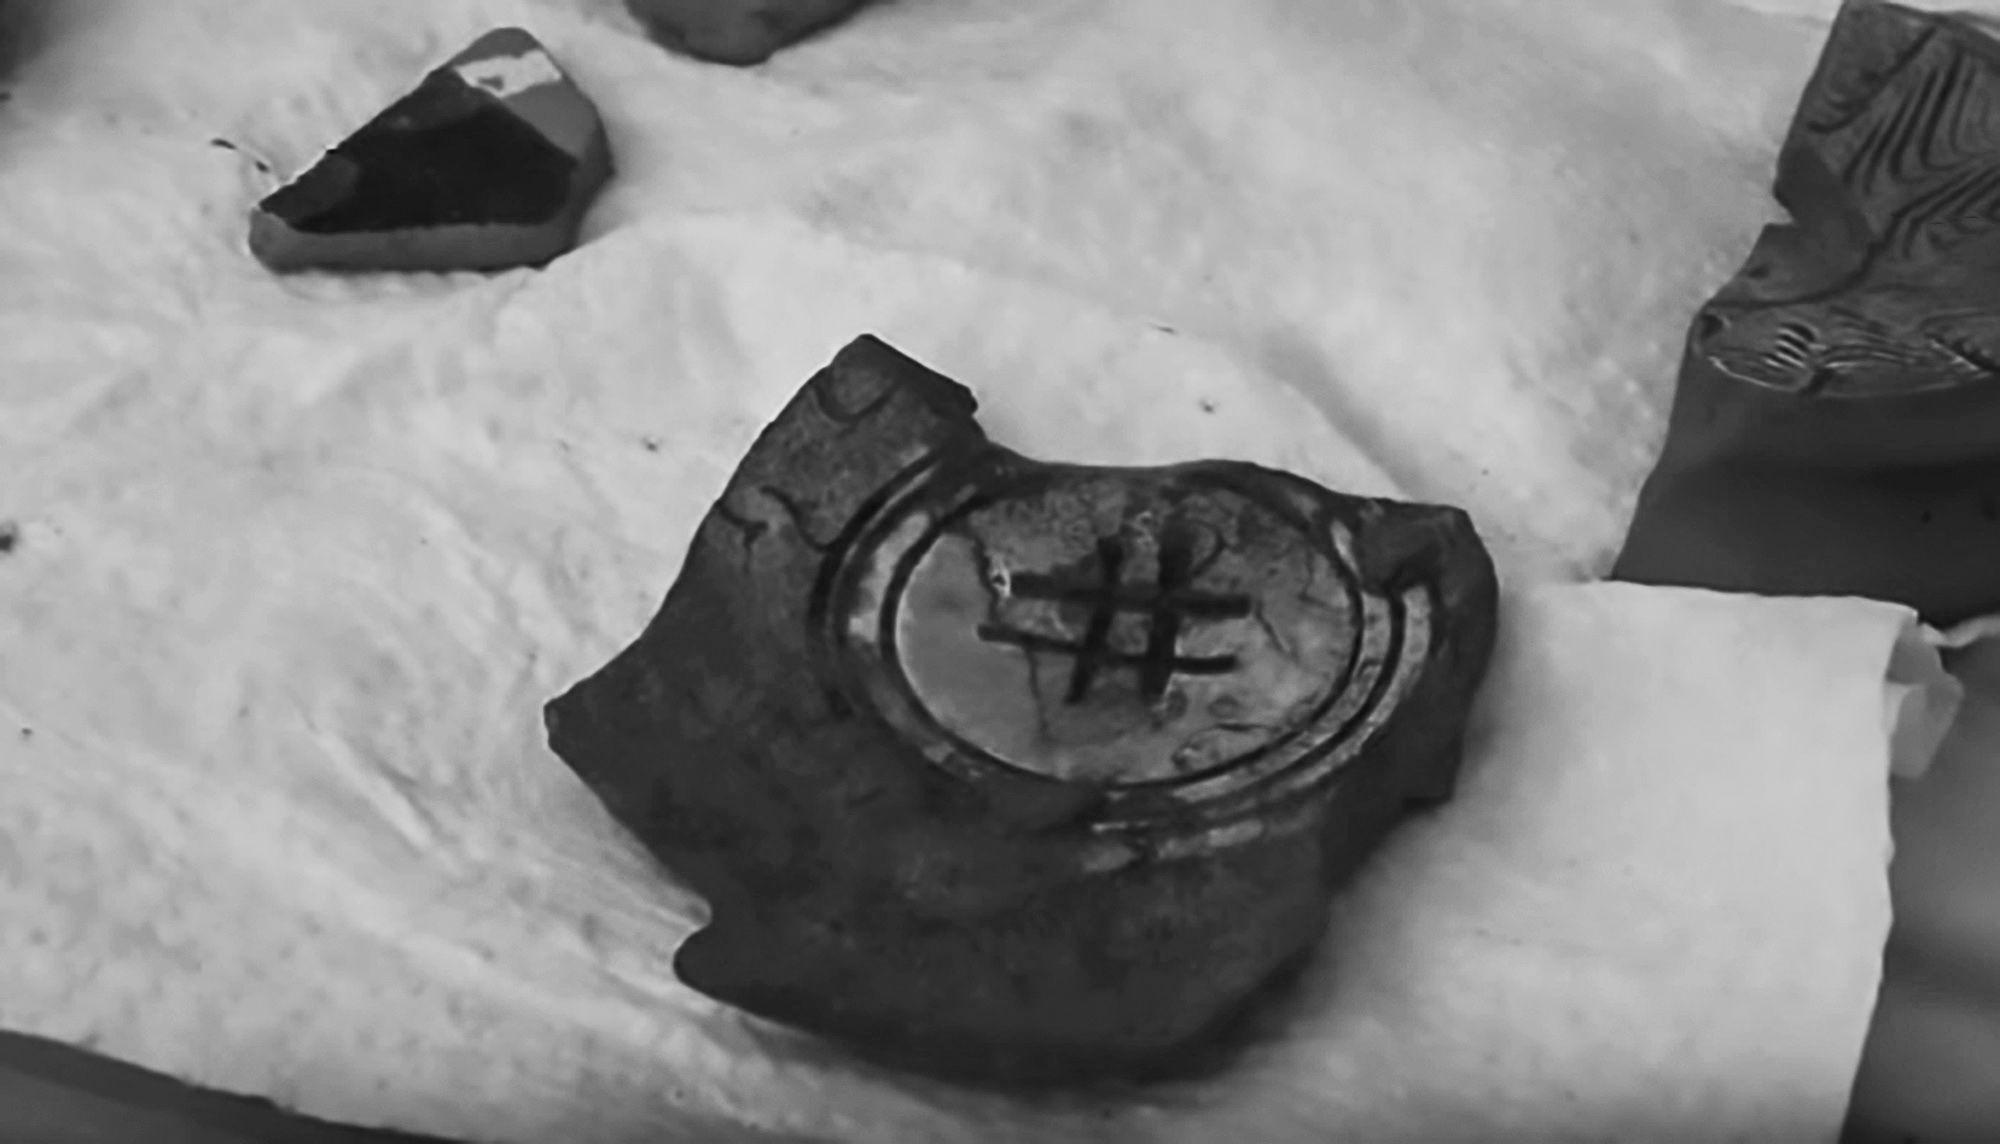 Hashtag Symbol Found On 700-Year-Old Byzantine Slab